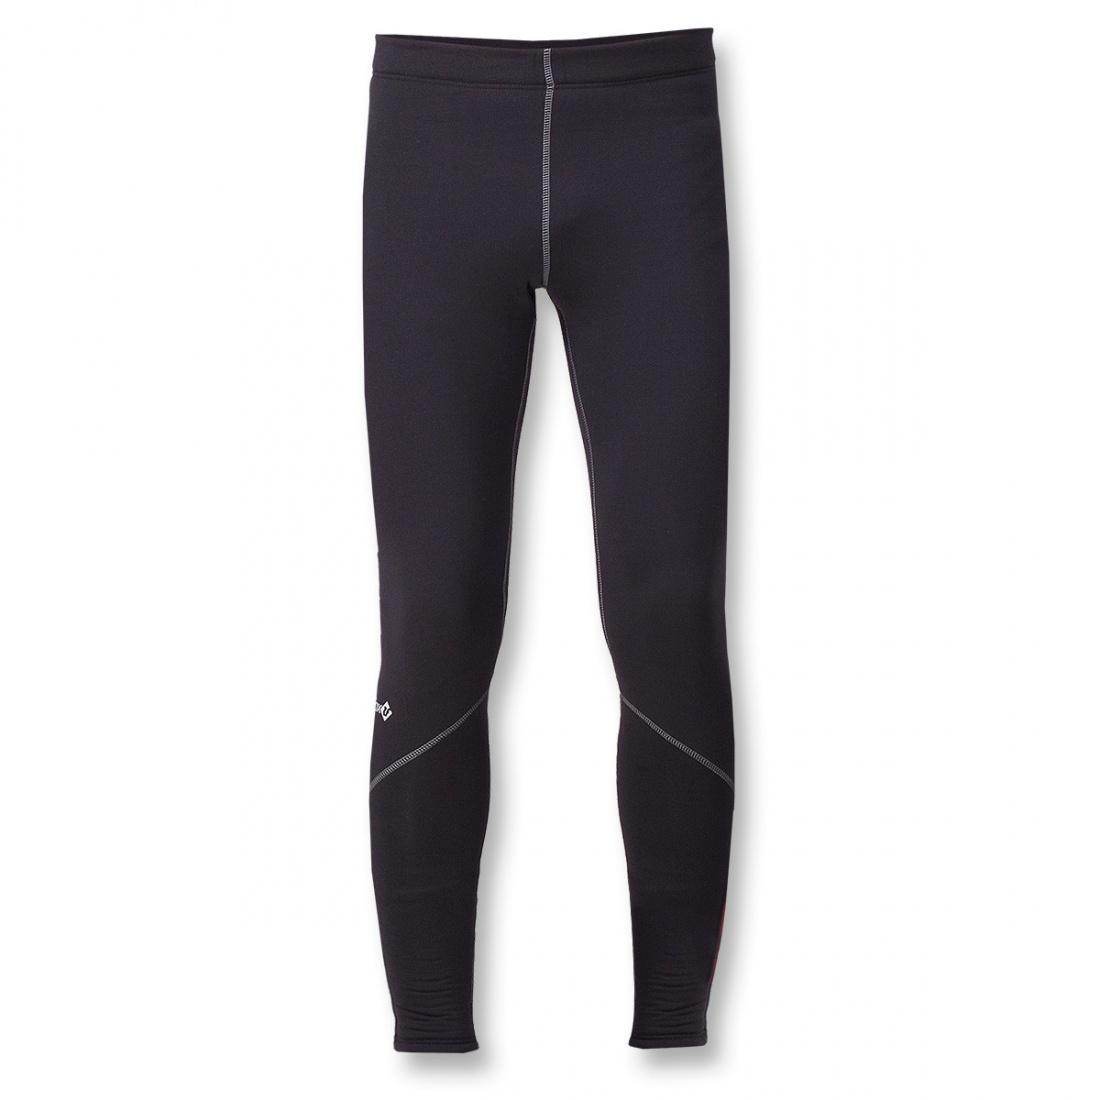 Термобелье брюки Power Stretch MultiБрюки<br><br><br>Цвет: Черный<br>Размер: 46